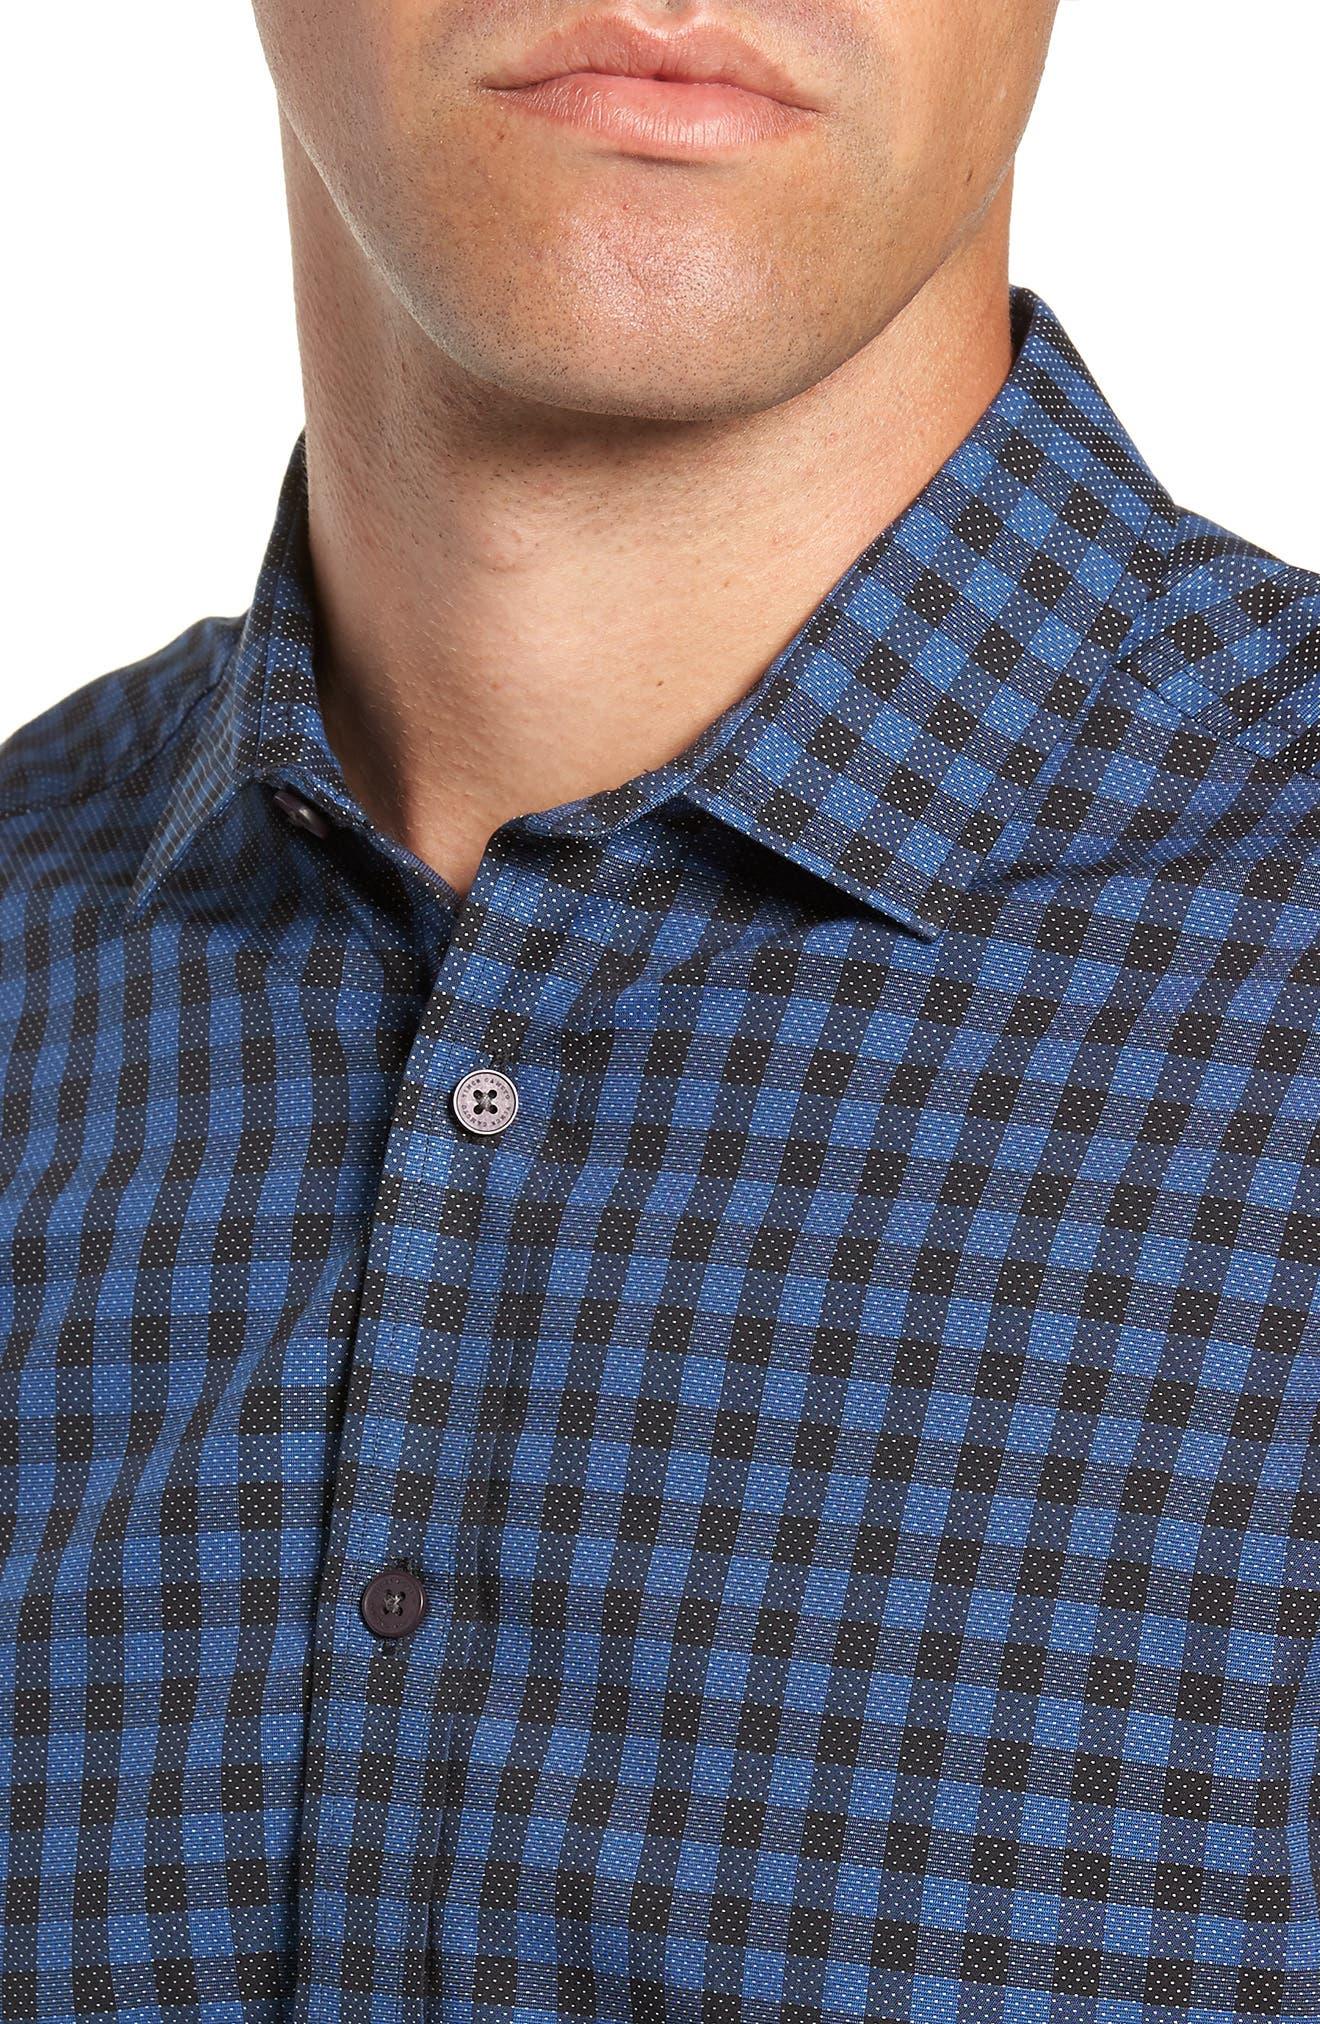 Long Sleeve Check & Dobby Sport Shirt,                             Alternate thumbnail 2, color,                             BLUE BLACK CHECK WHITE DOBBY